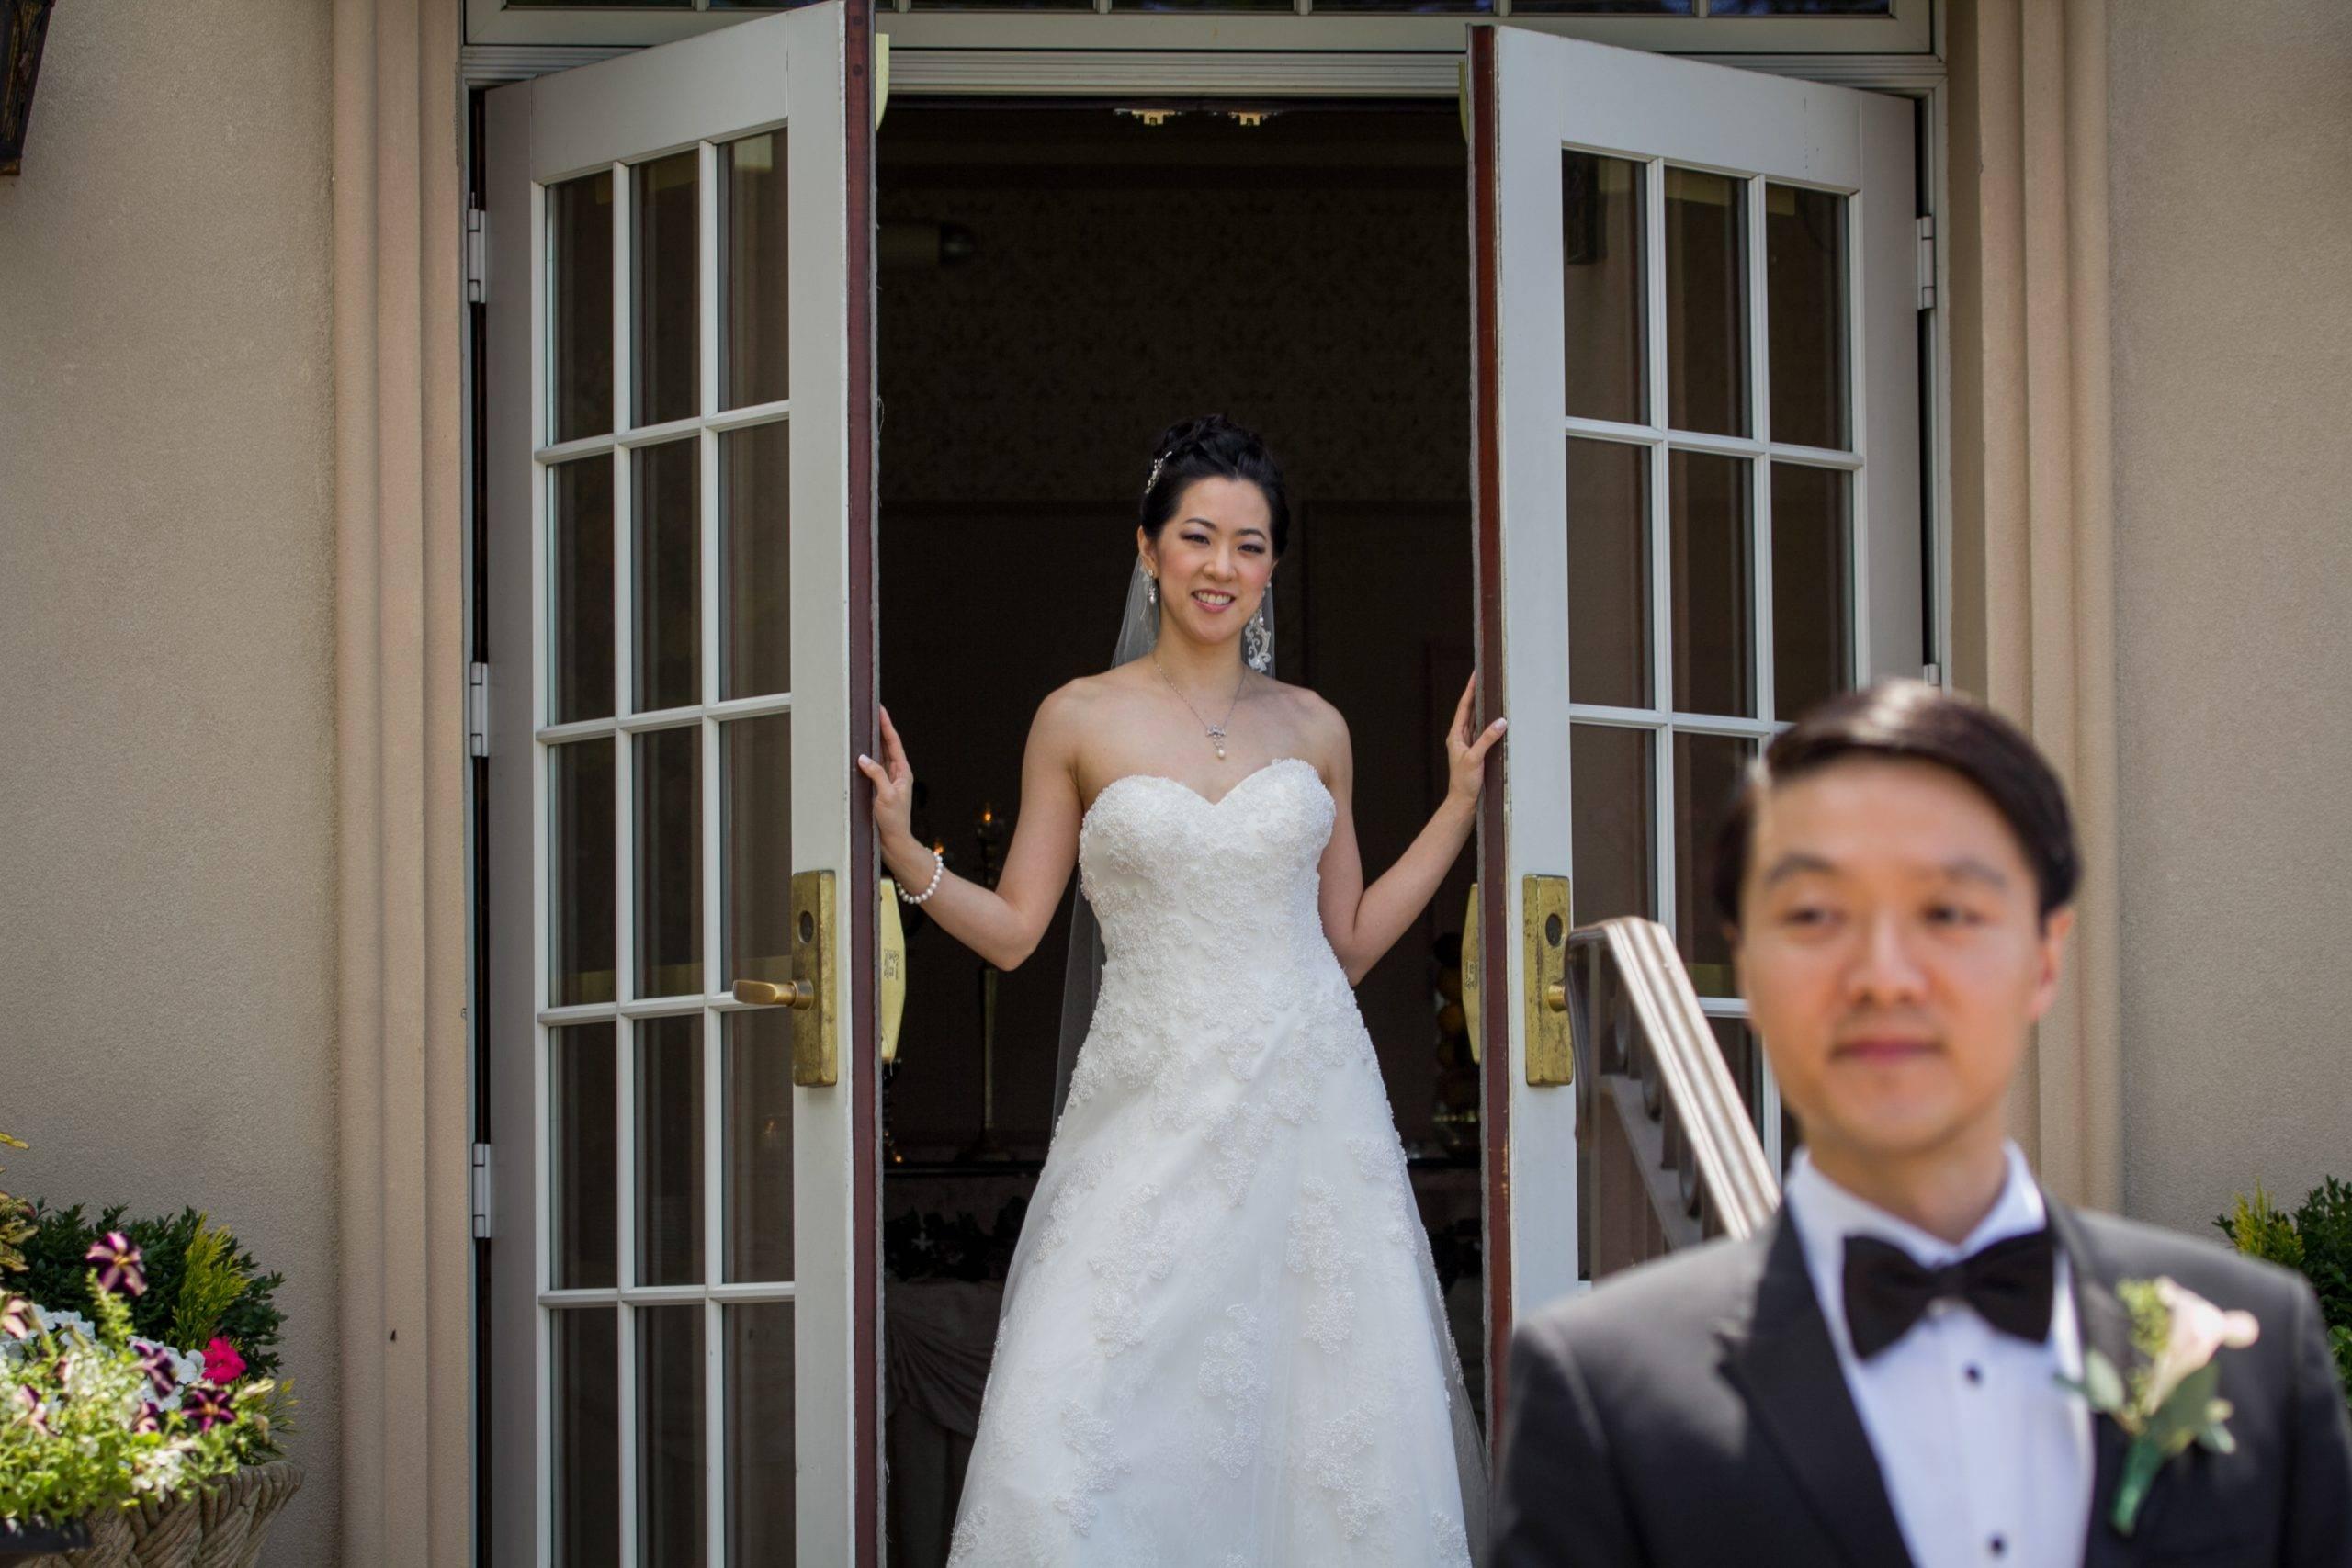 Brooklake bride approaching groom